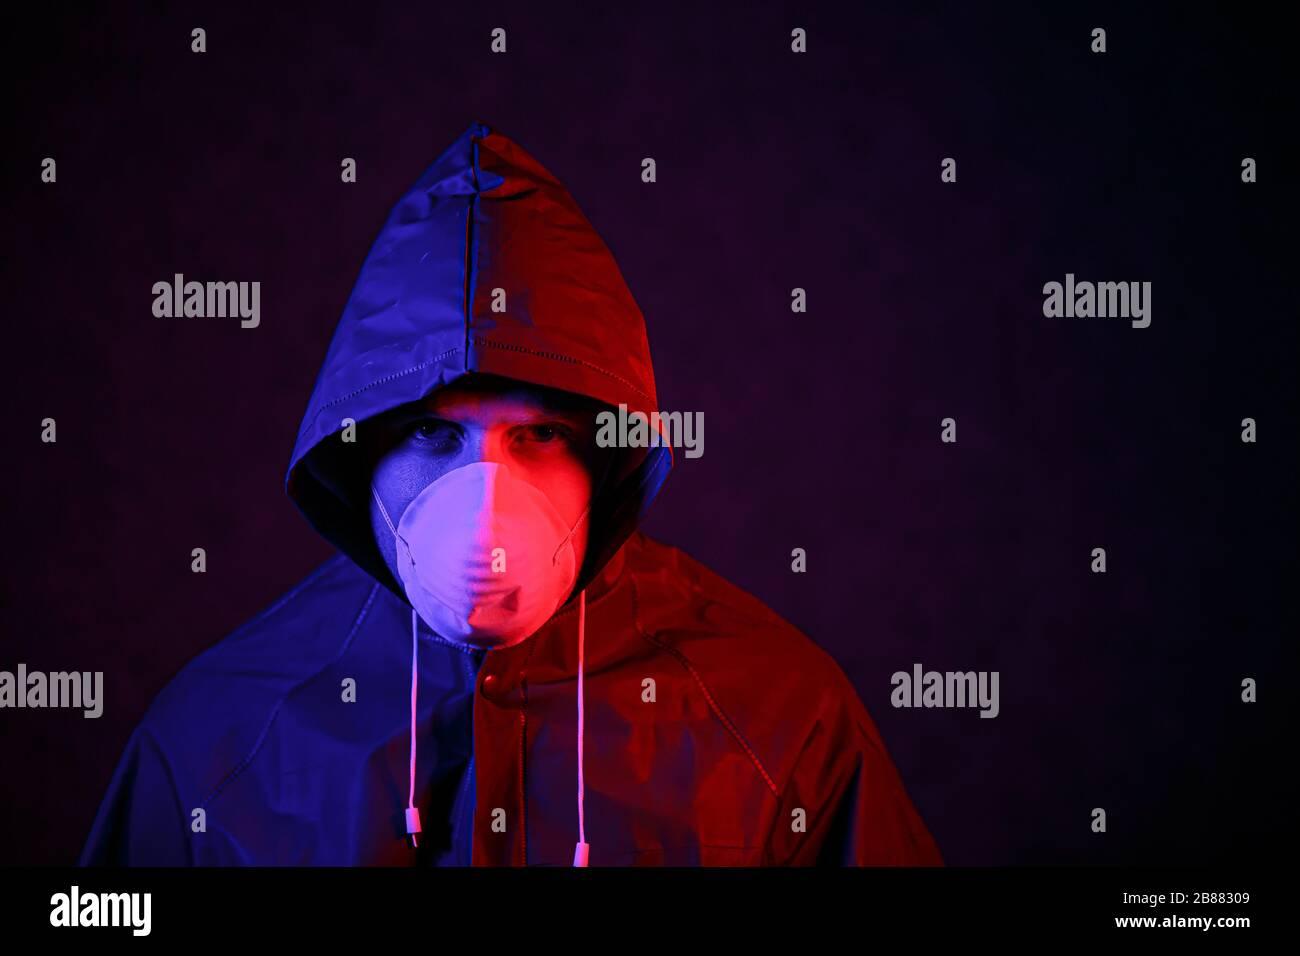 Coronavirus. Un hombre en una máscara y traje de protección química en luz roja y azul. Lucha contra el virus Foto de stock